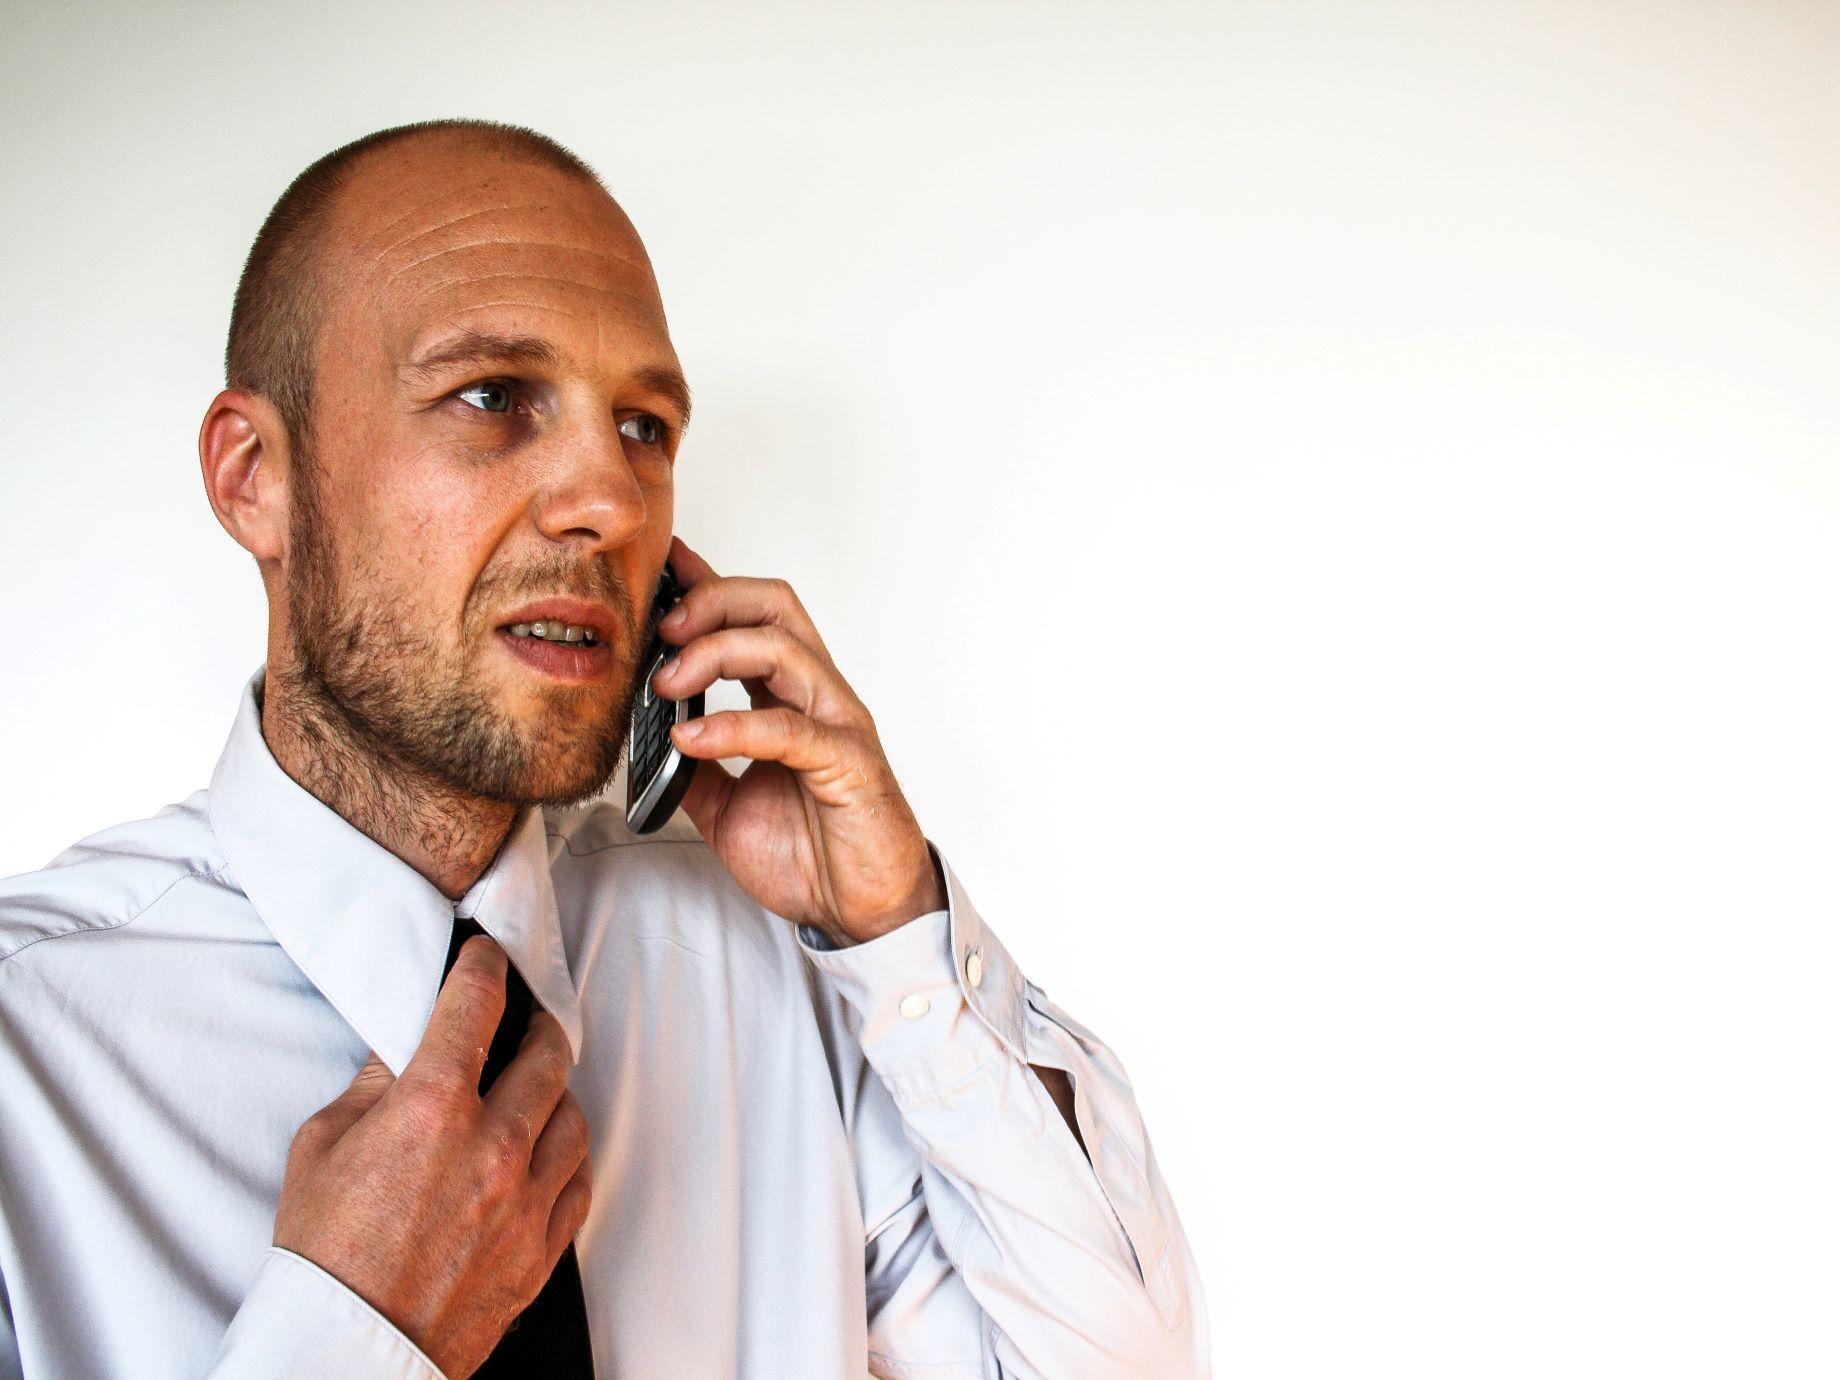 業績不如預期,該怎麼報告?4個步驟「說重點」幫你扭轉局勢,重拾主管信任